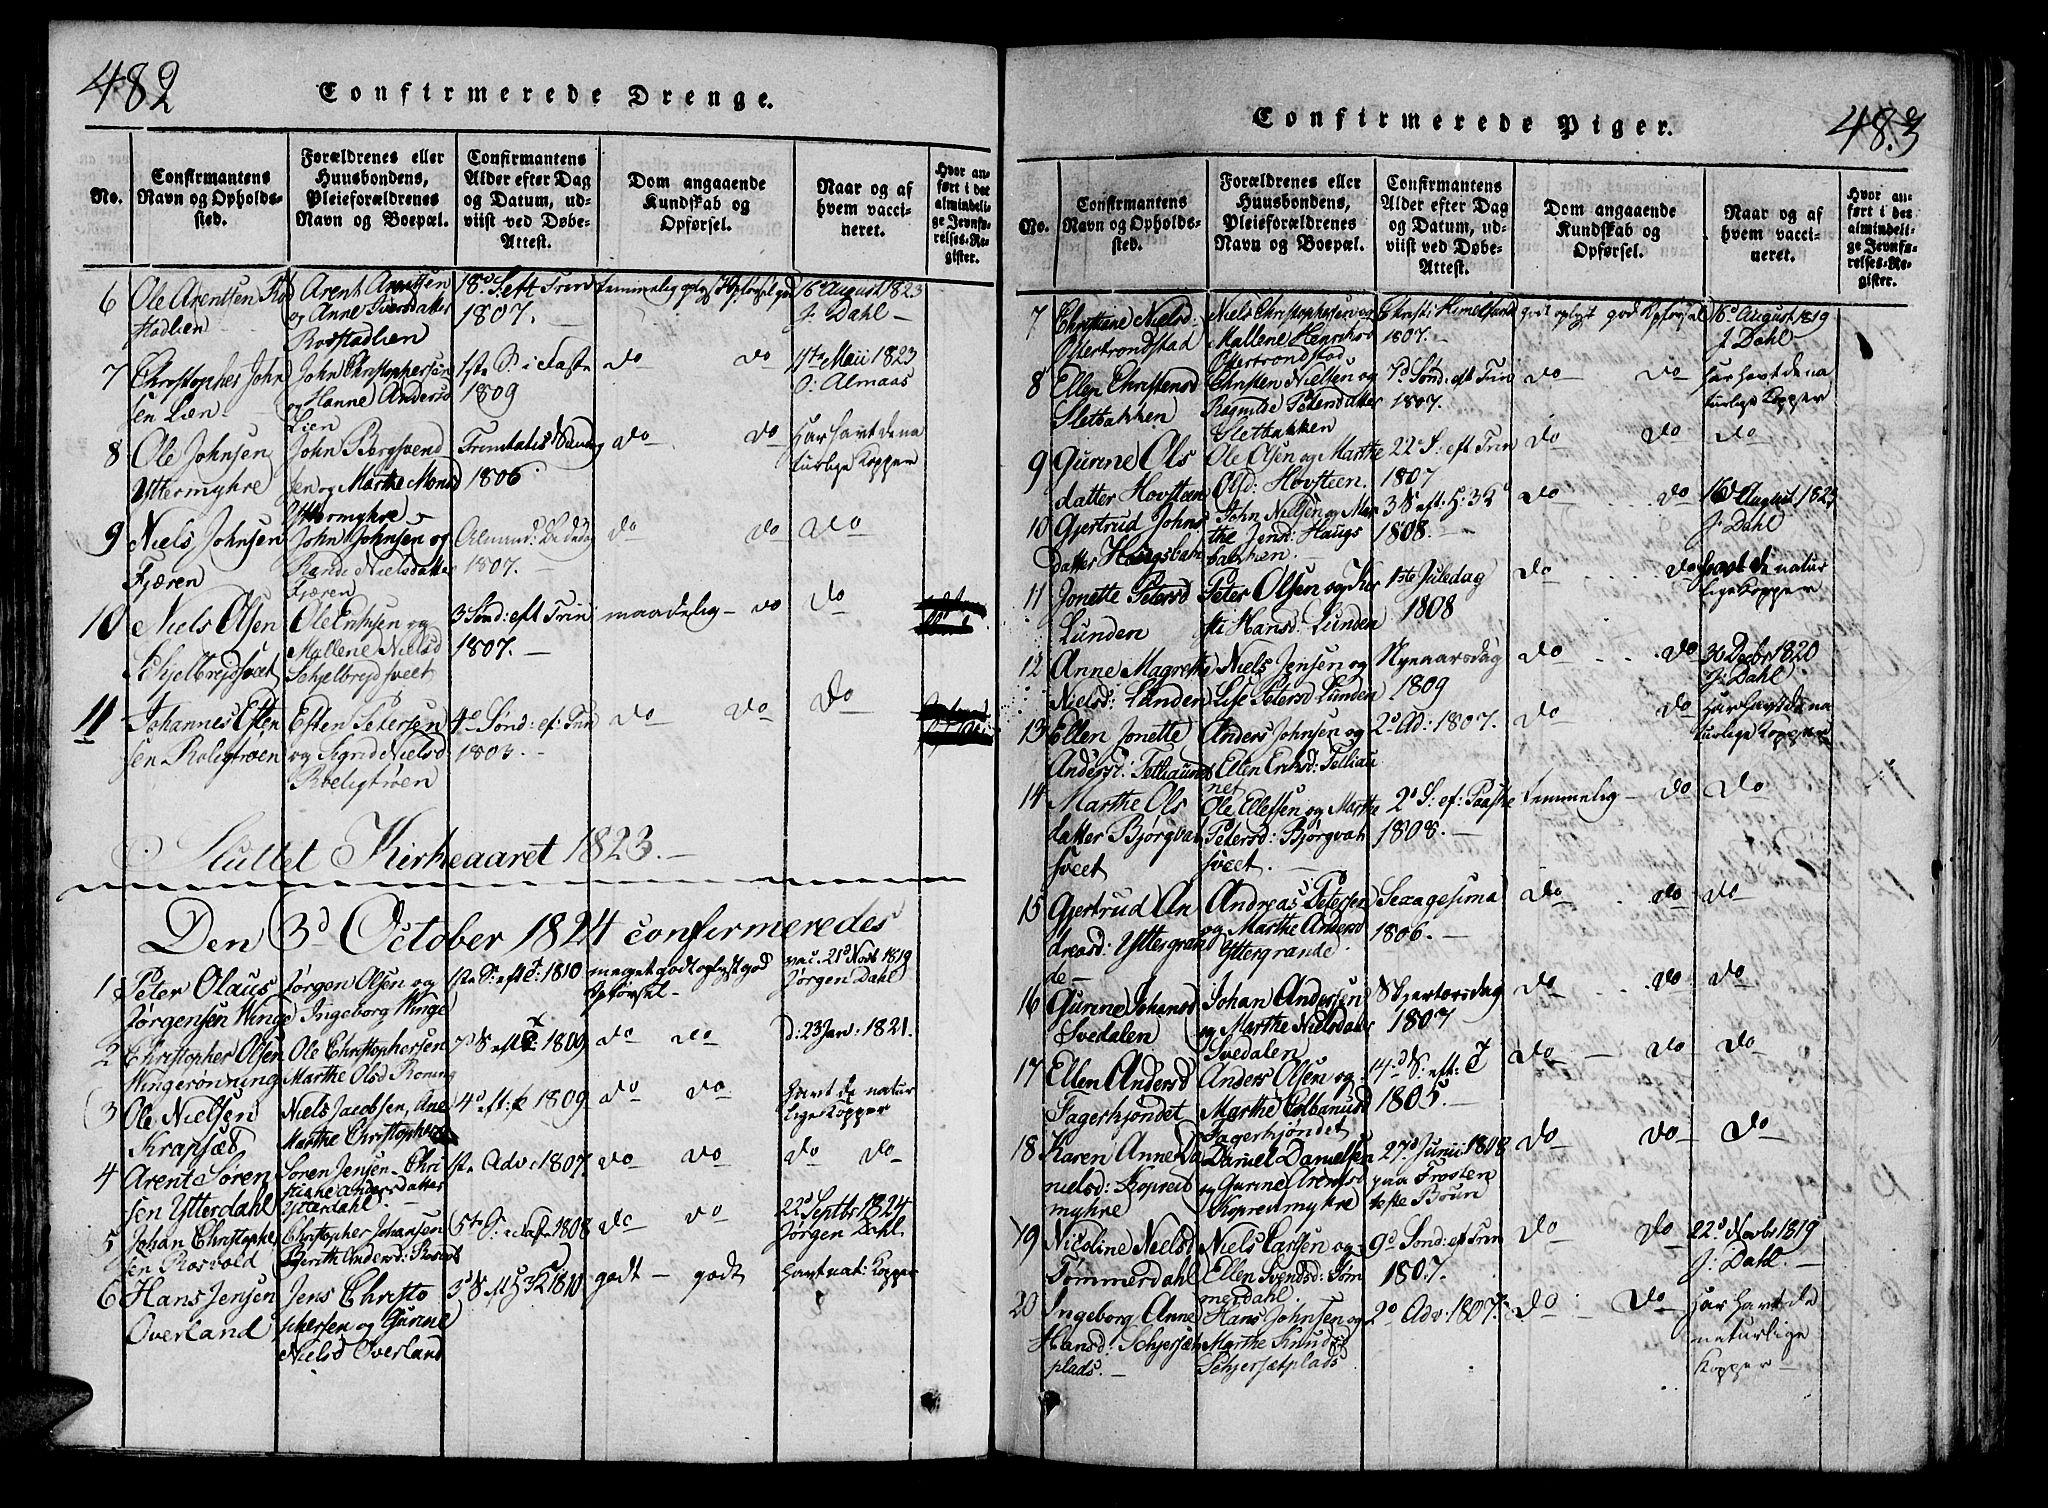 SAT, Ministerialprotokoller, klokkerbøker og fødselsregistre - Nord-Trøndelag, 701/L0005: Ministerialbok nr. 701A05 /1, 1816-1825, s. 482-483